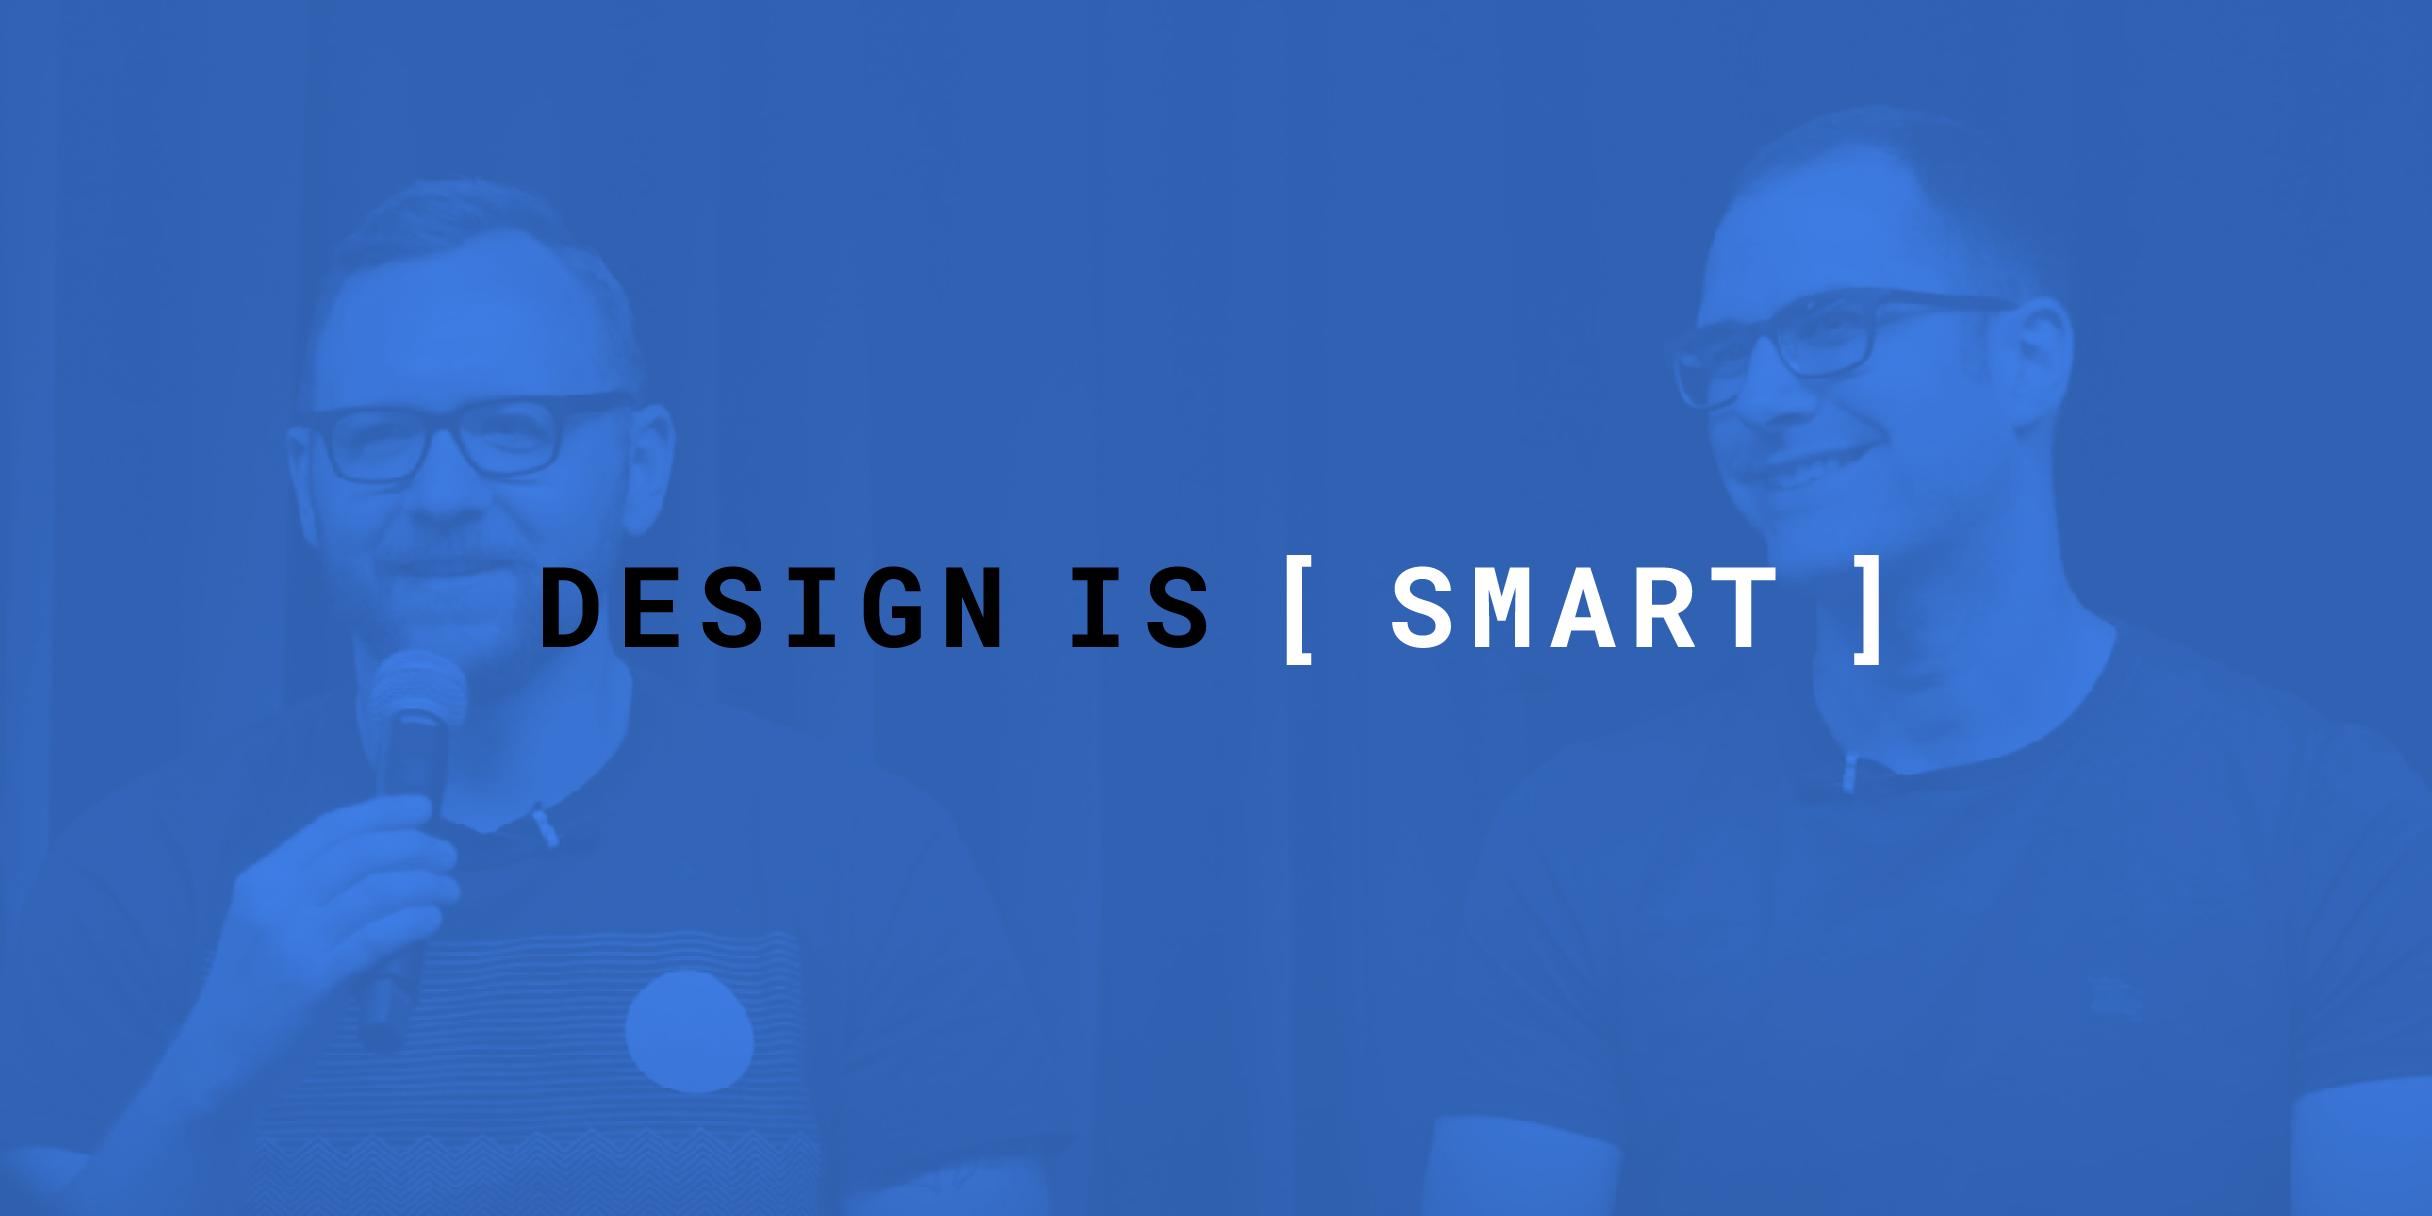 design_is_smart_2x1